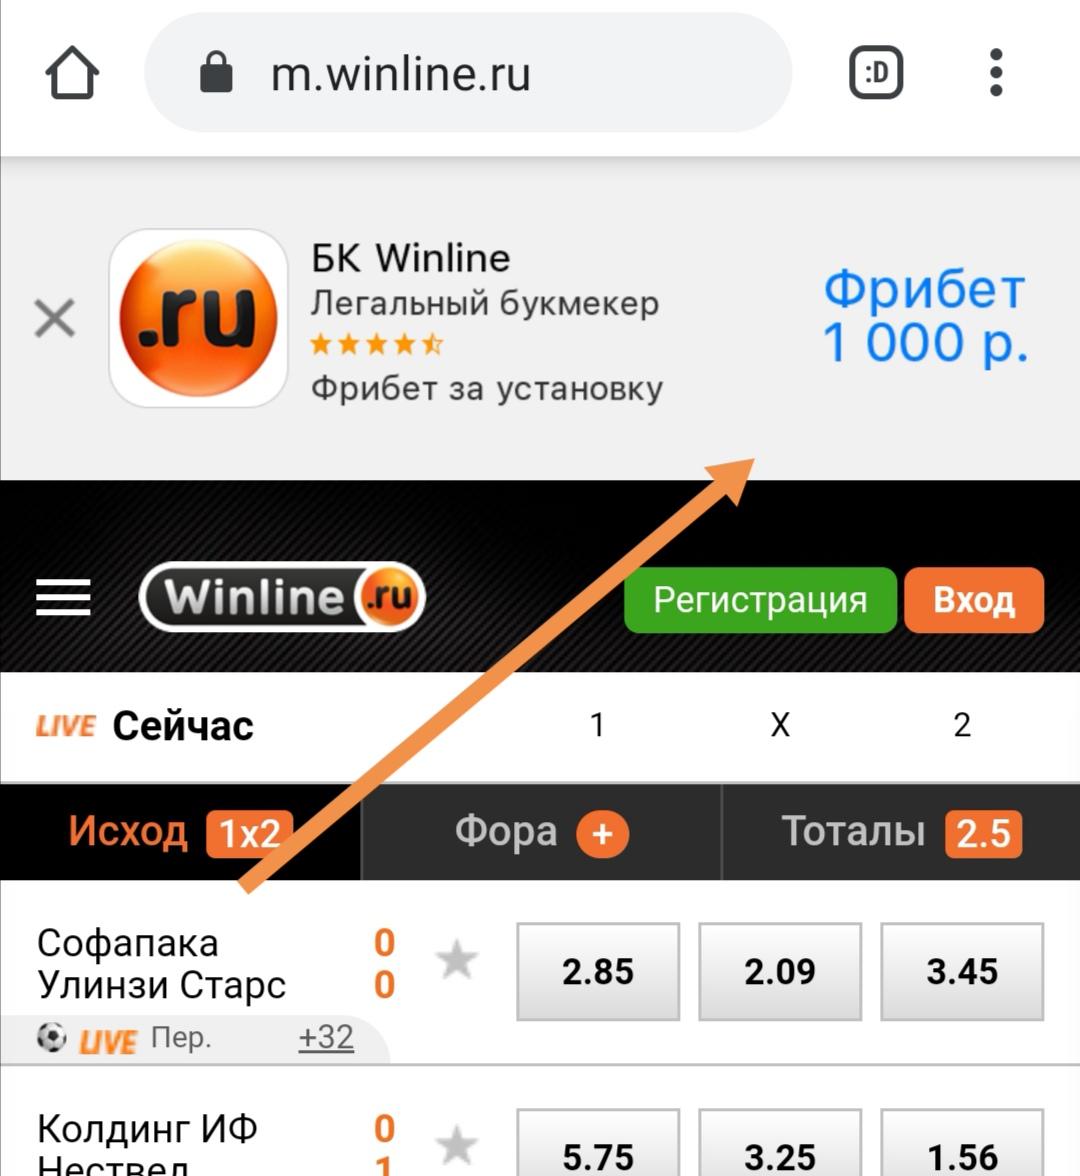 Приложение для мобильного от Винлайн